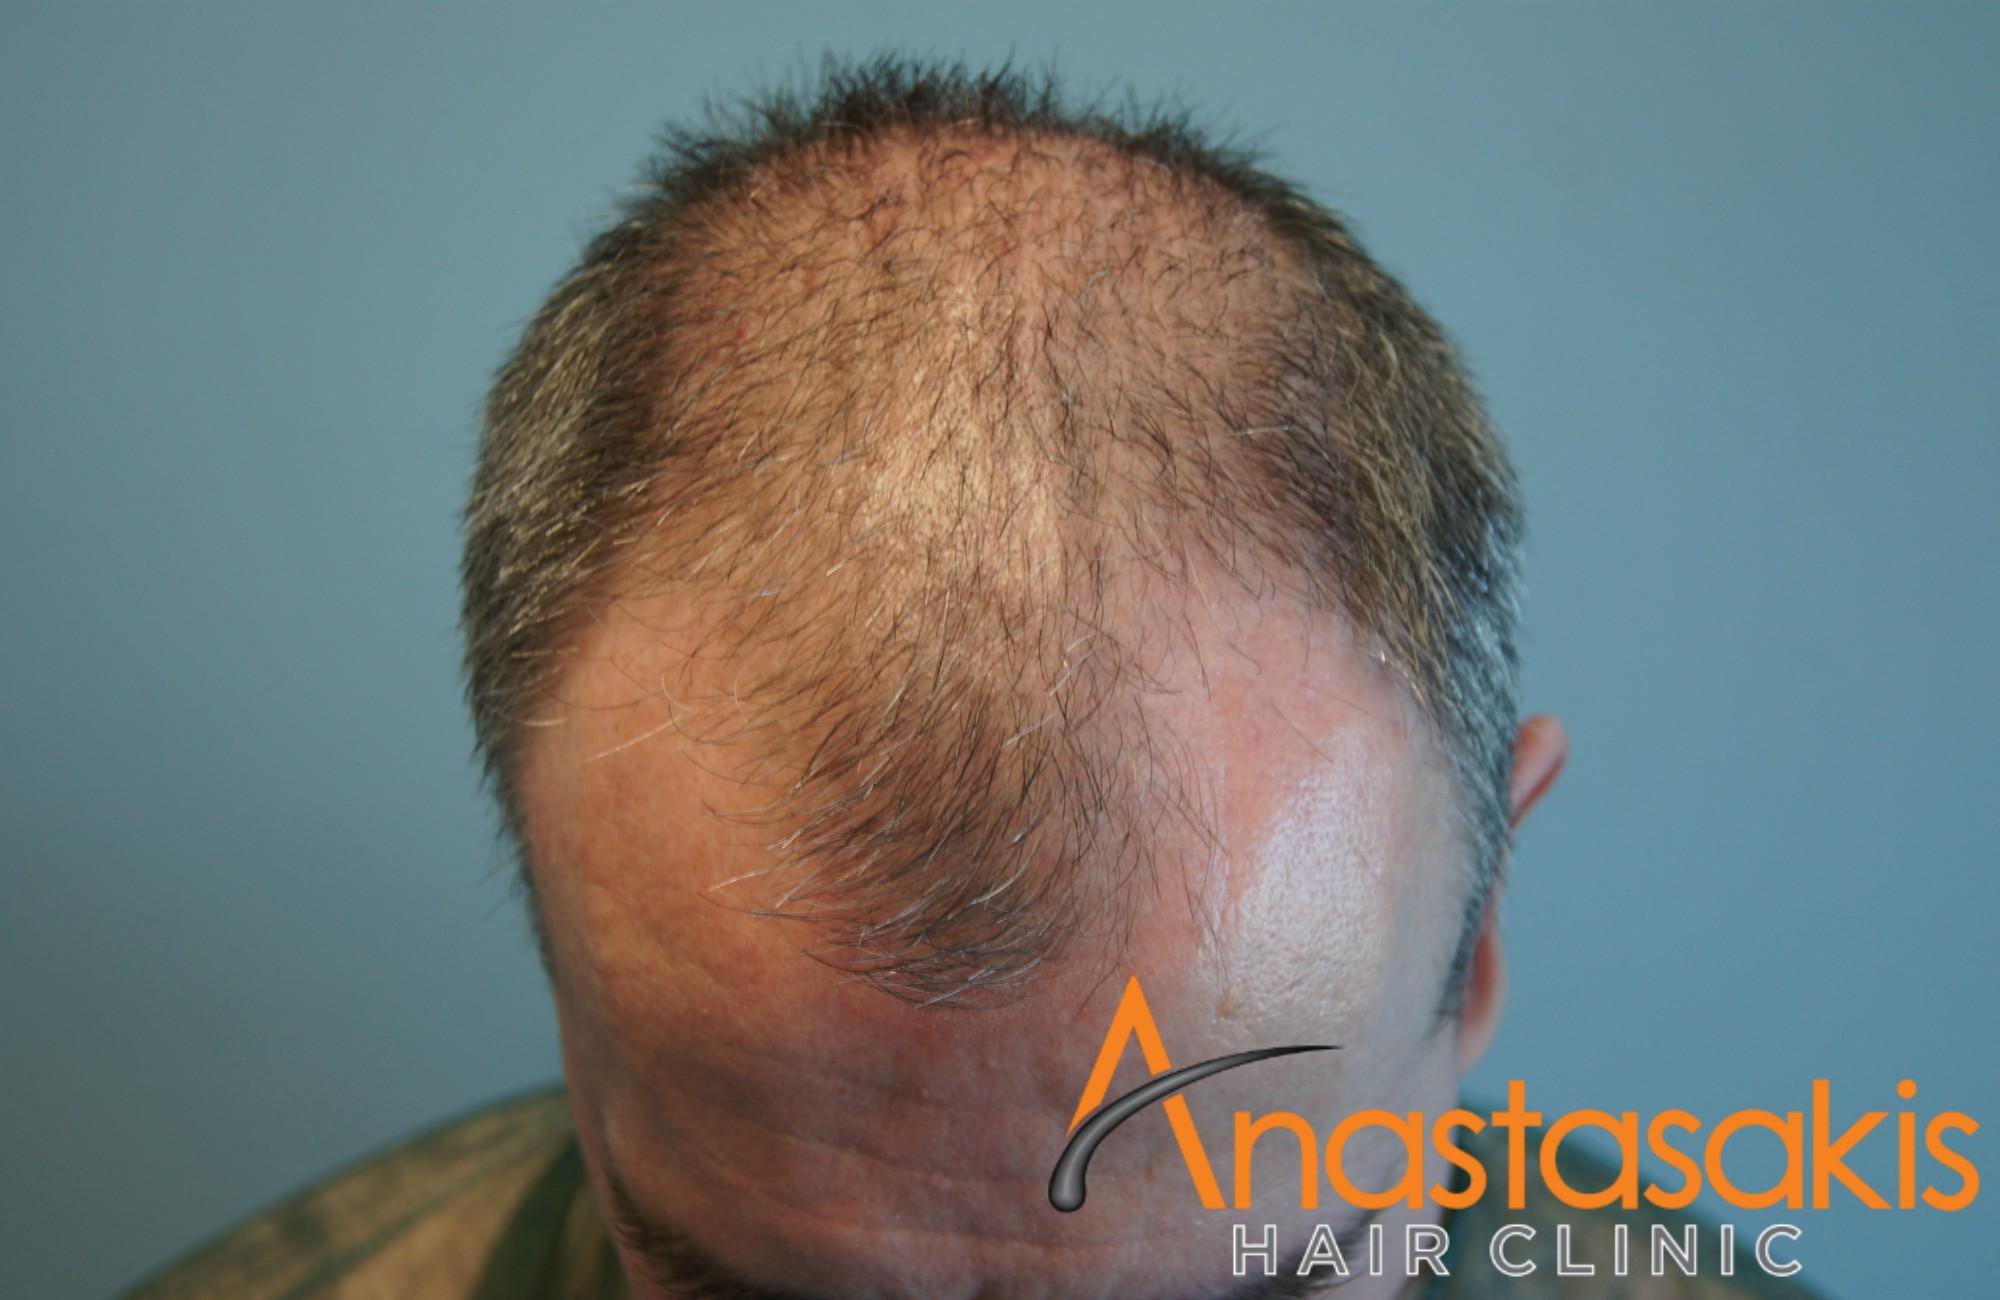 προσθια περιοχη ασθενους πριν τη μεταμοσχευση μαλλιων με 3050 fus